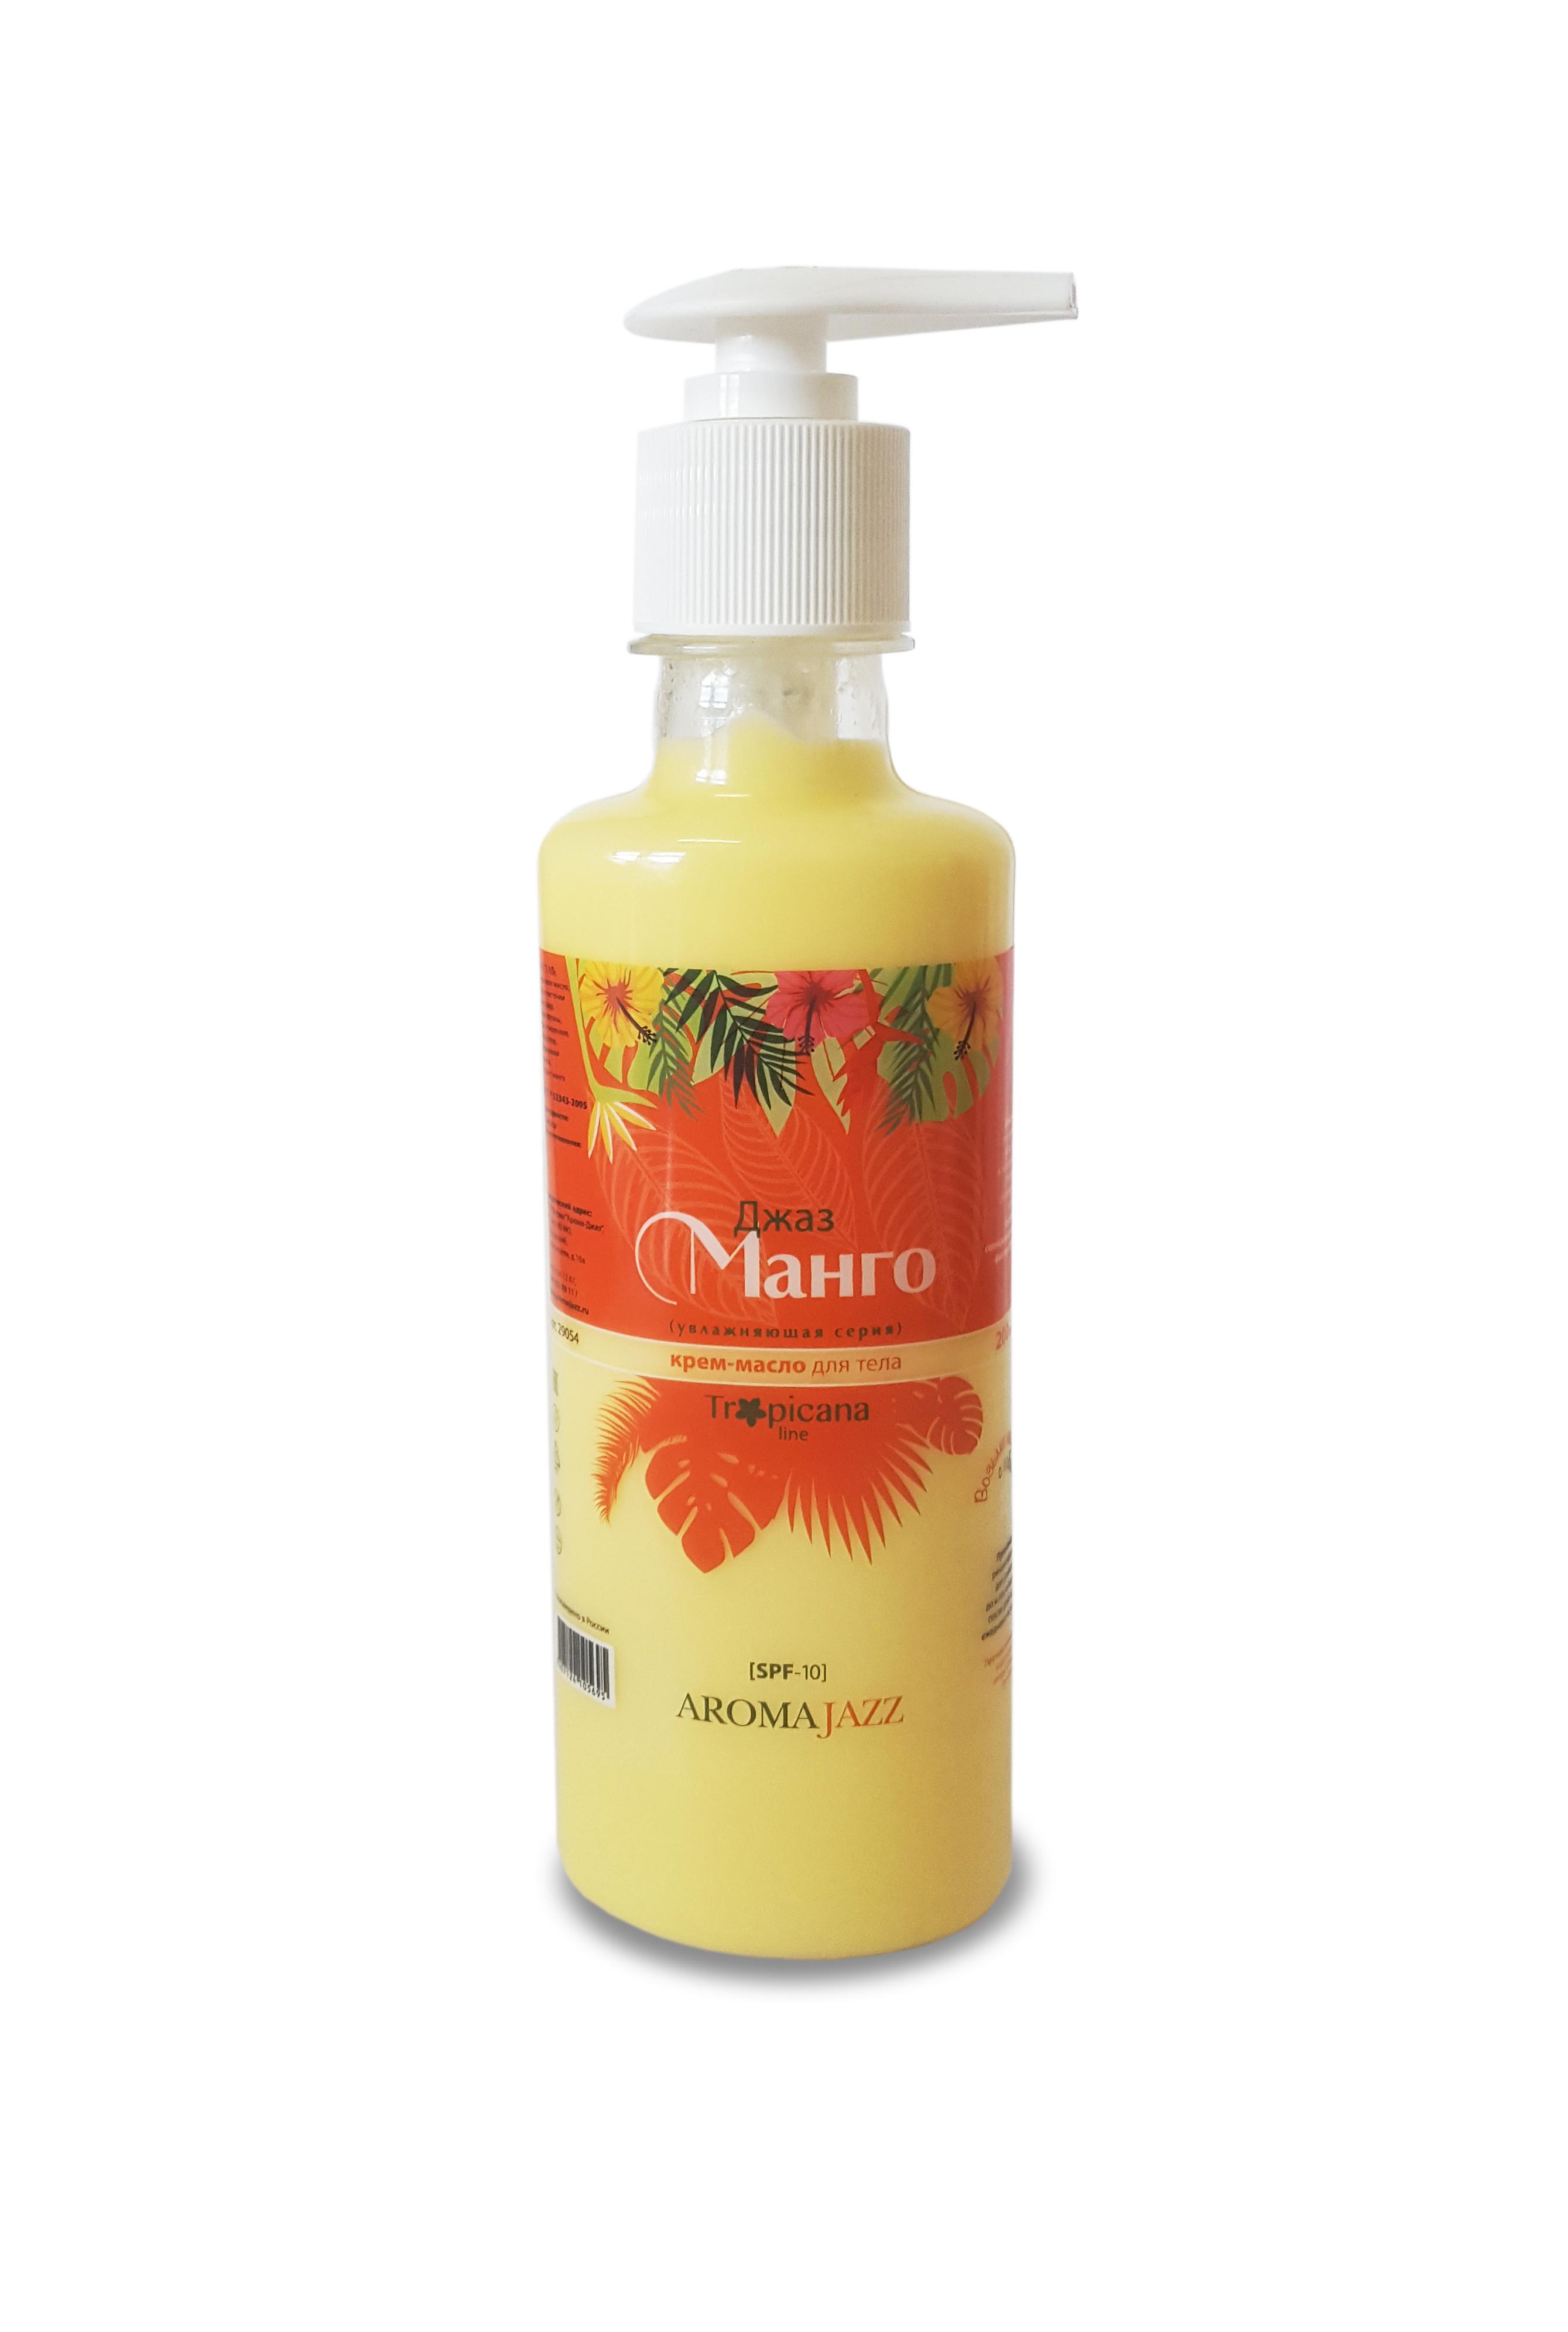 AROMA JAZZ Крем-масло для тела Джаз Манго 200 мл aroma jazz масло массажное жидкое для тела морской блюз 350 мл